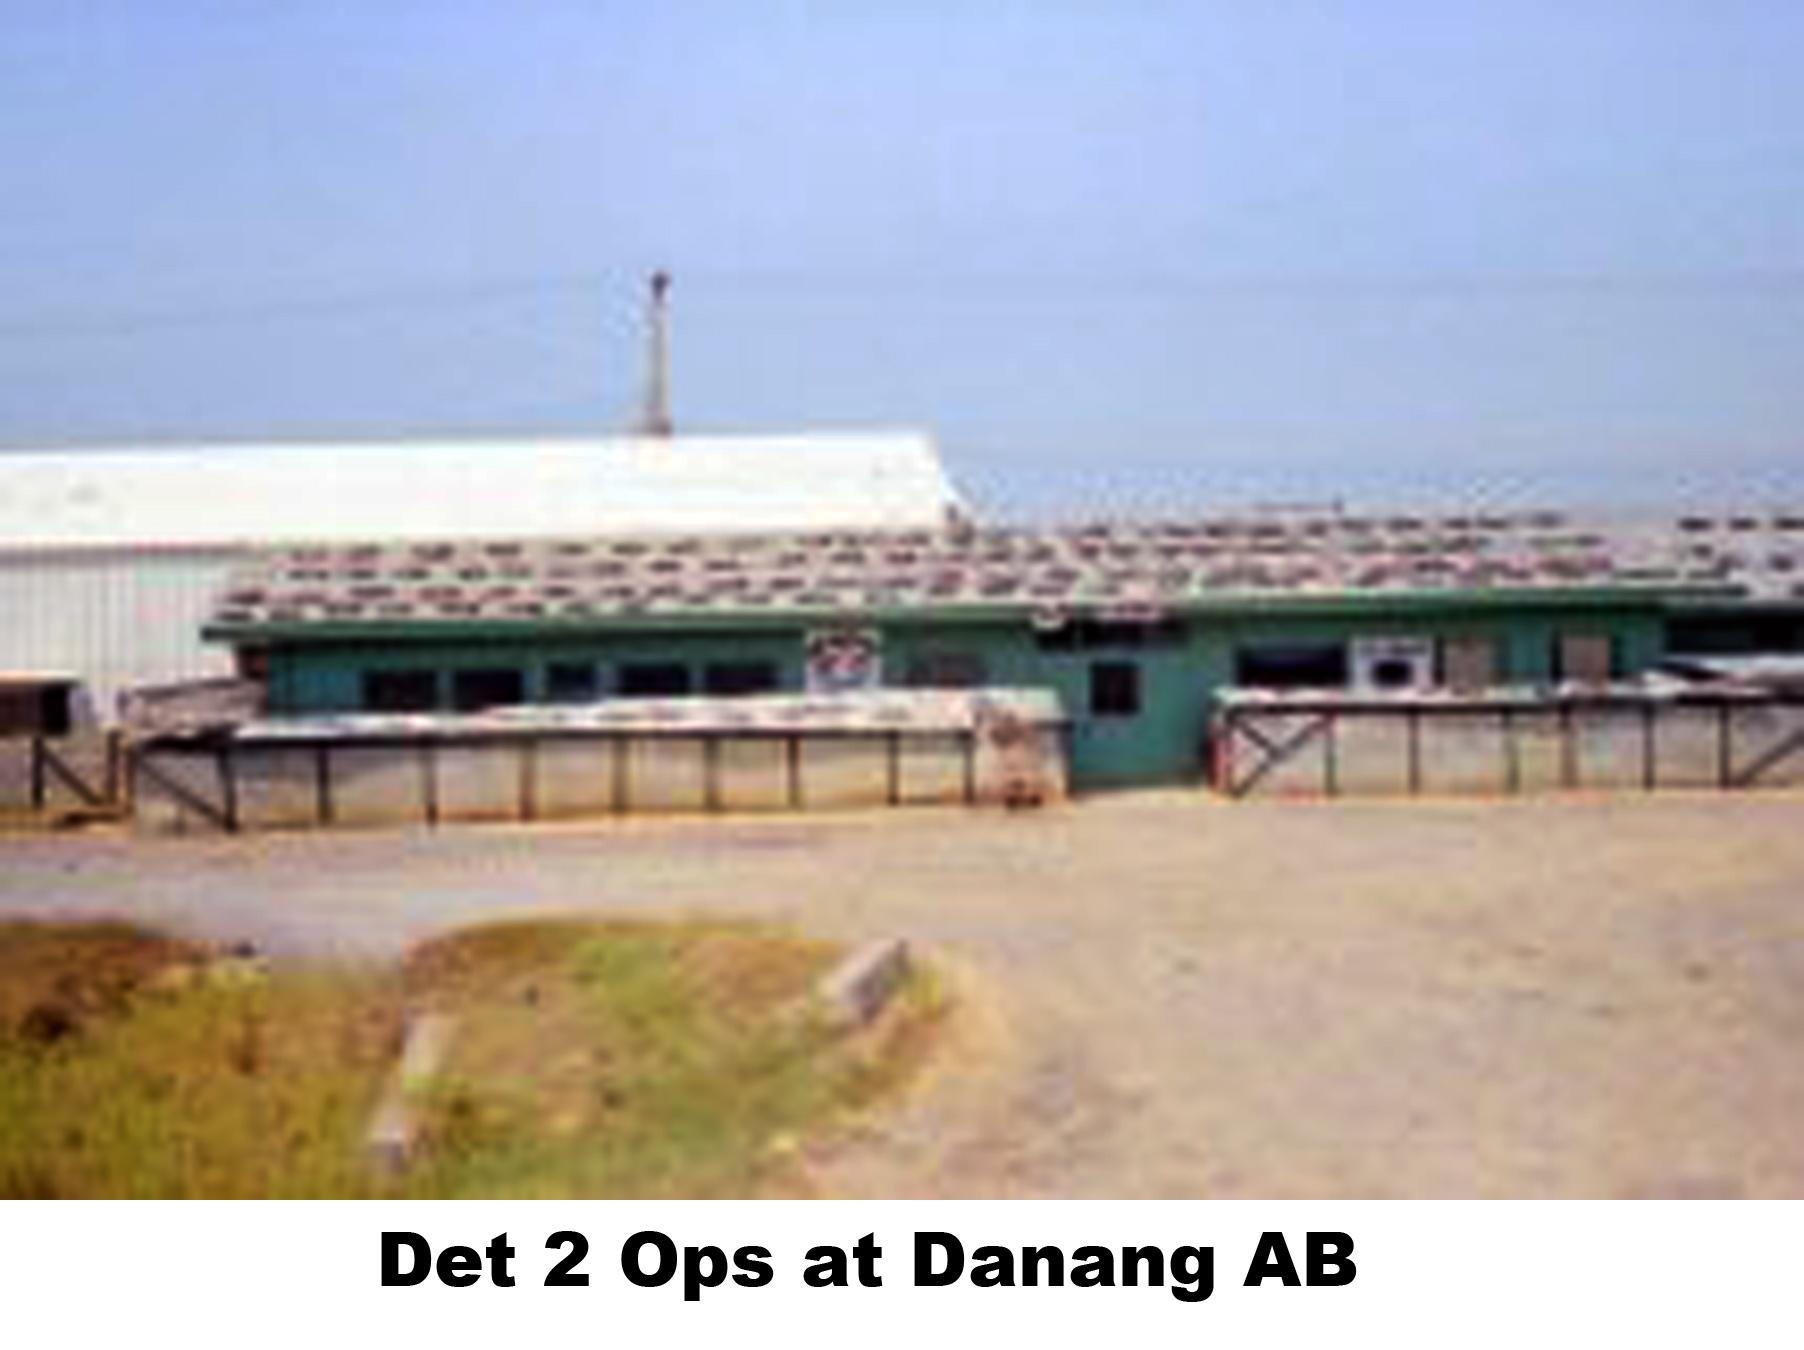 DNG-473